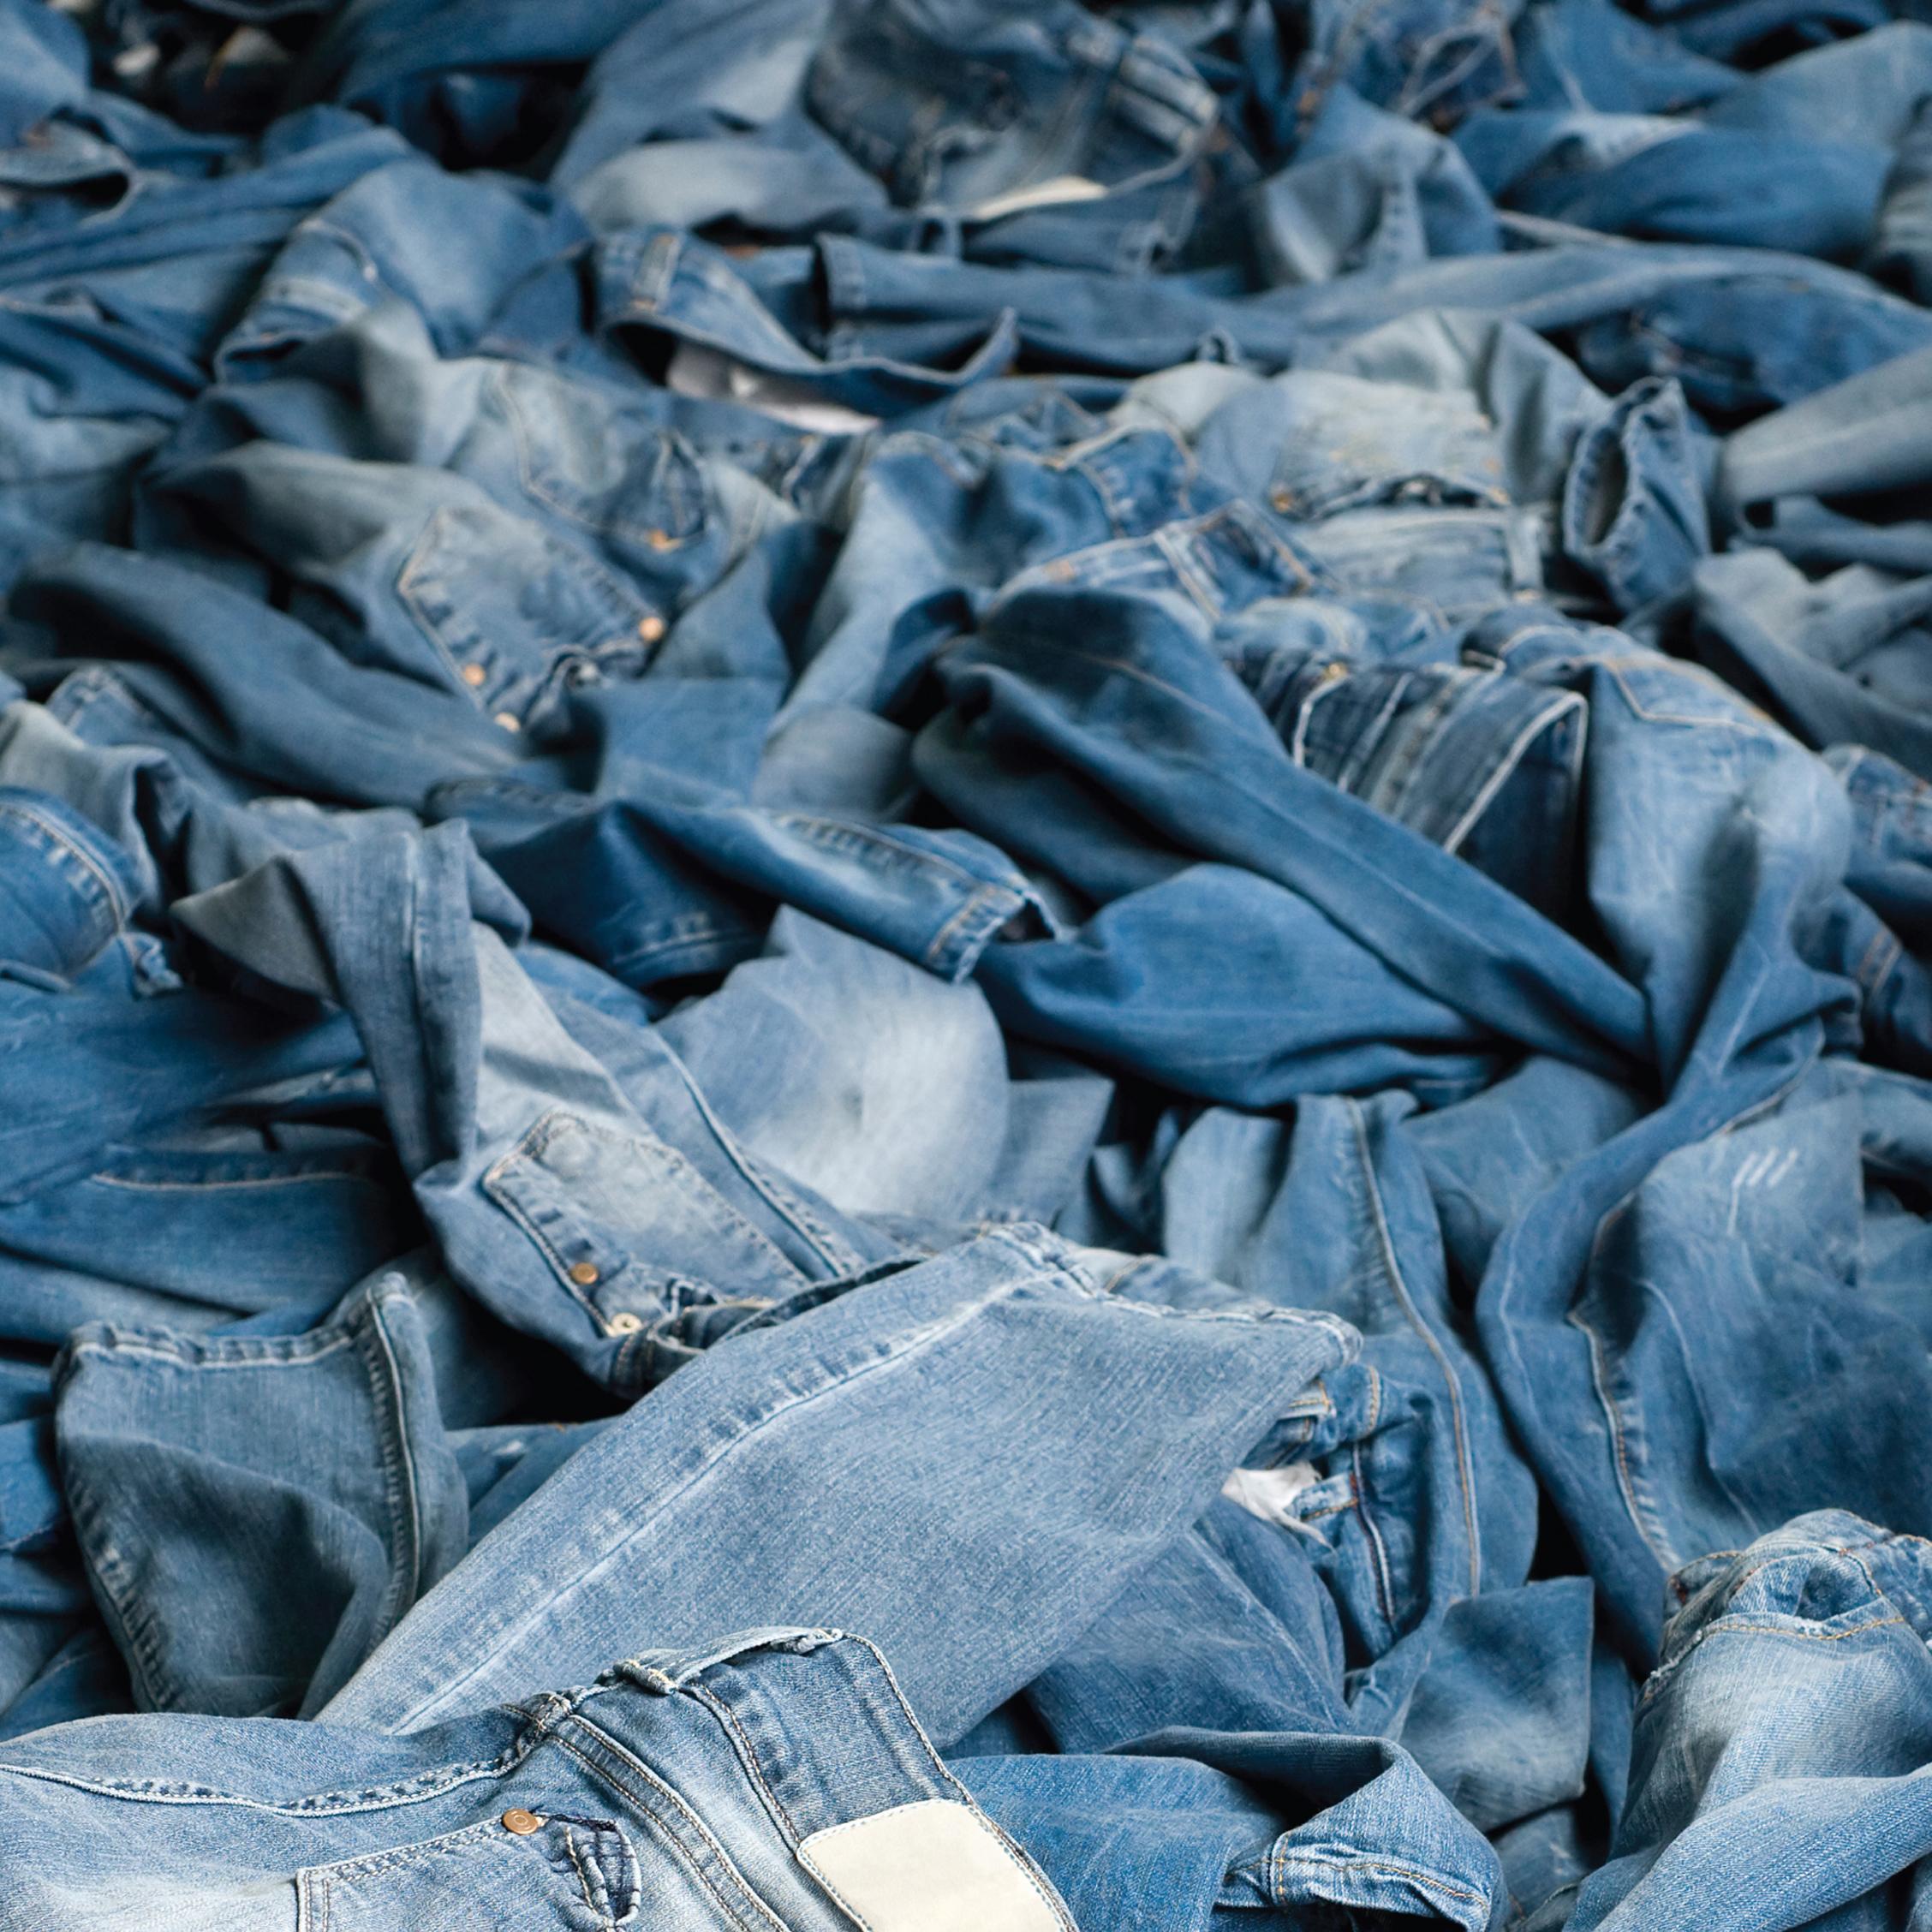 Blue Jeans - wearing